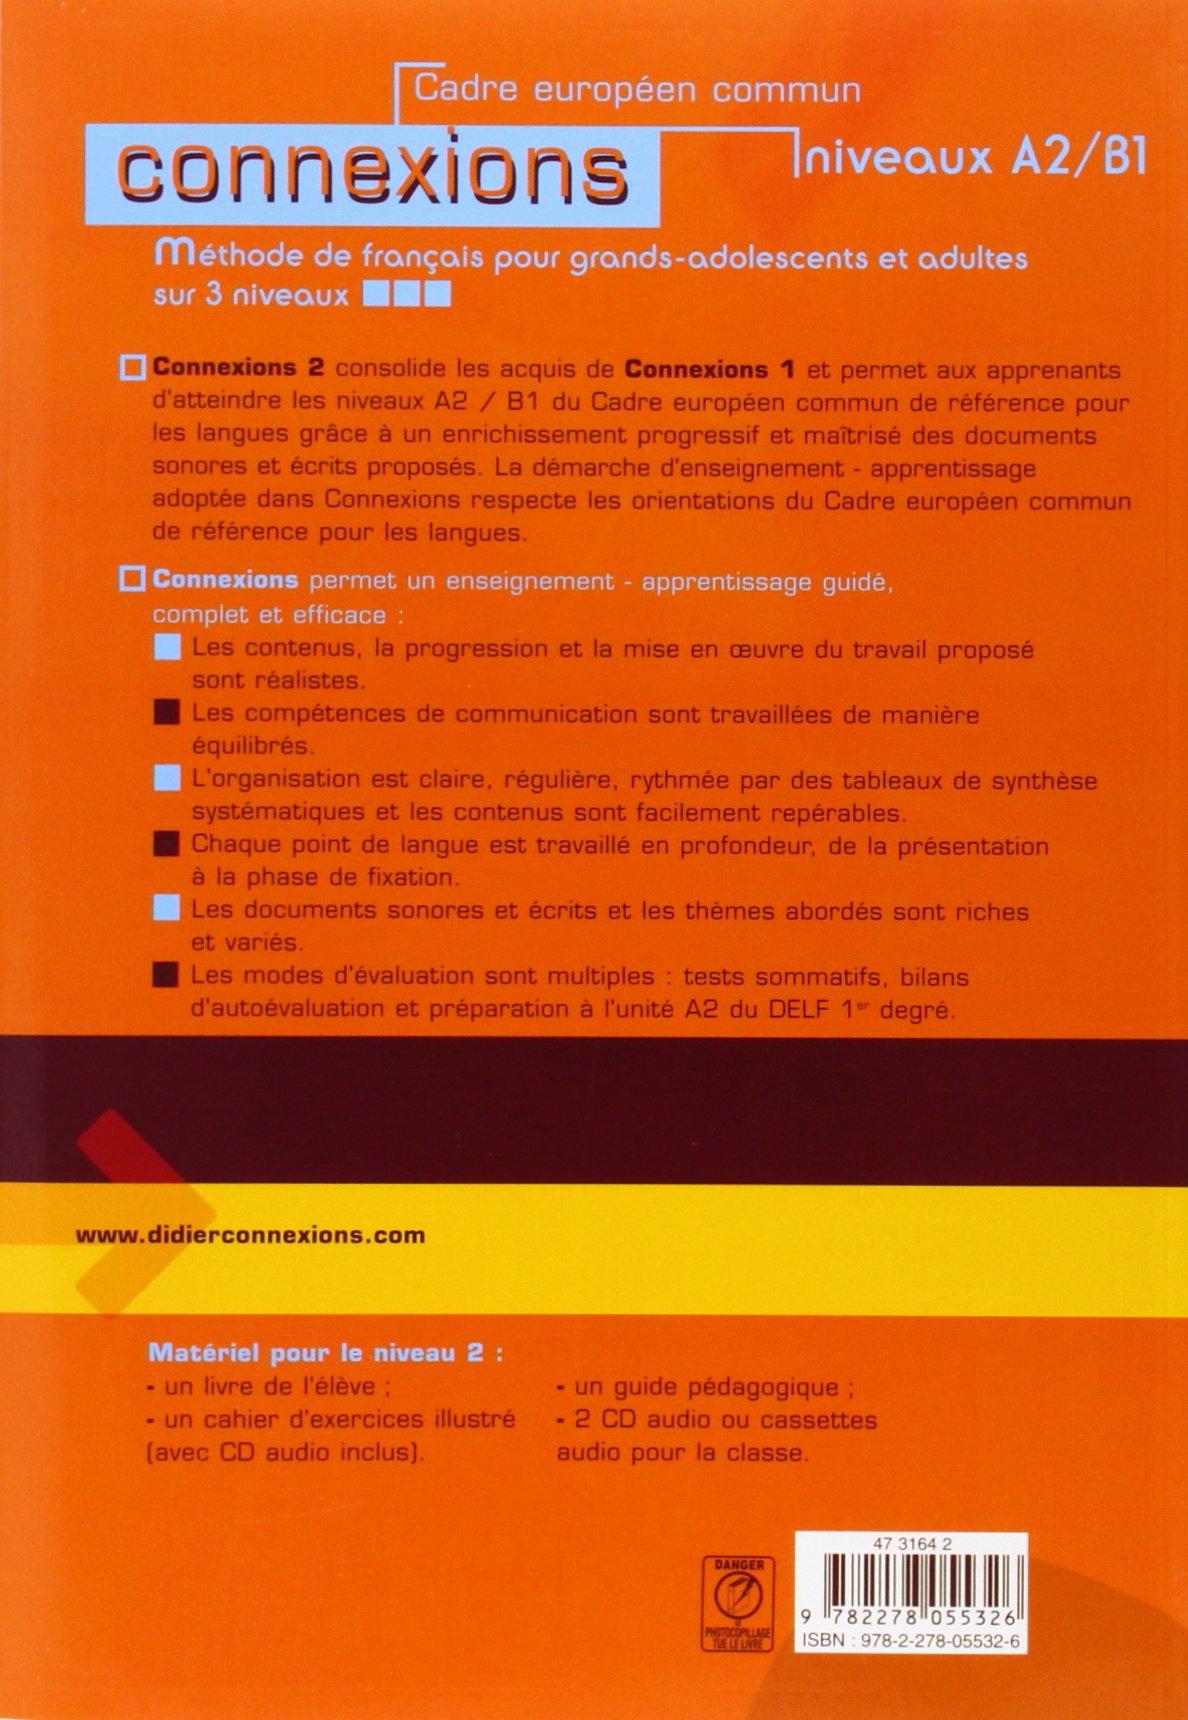 Connexions methode de francais niveau 2 amazon regine connexions methode de francais niveau 2 amazon regine merieux yves loiseau 9782278055326 books fandeluxe Images